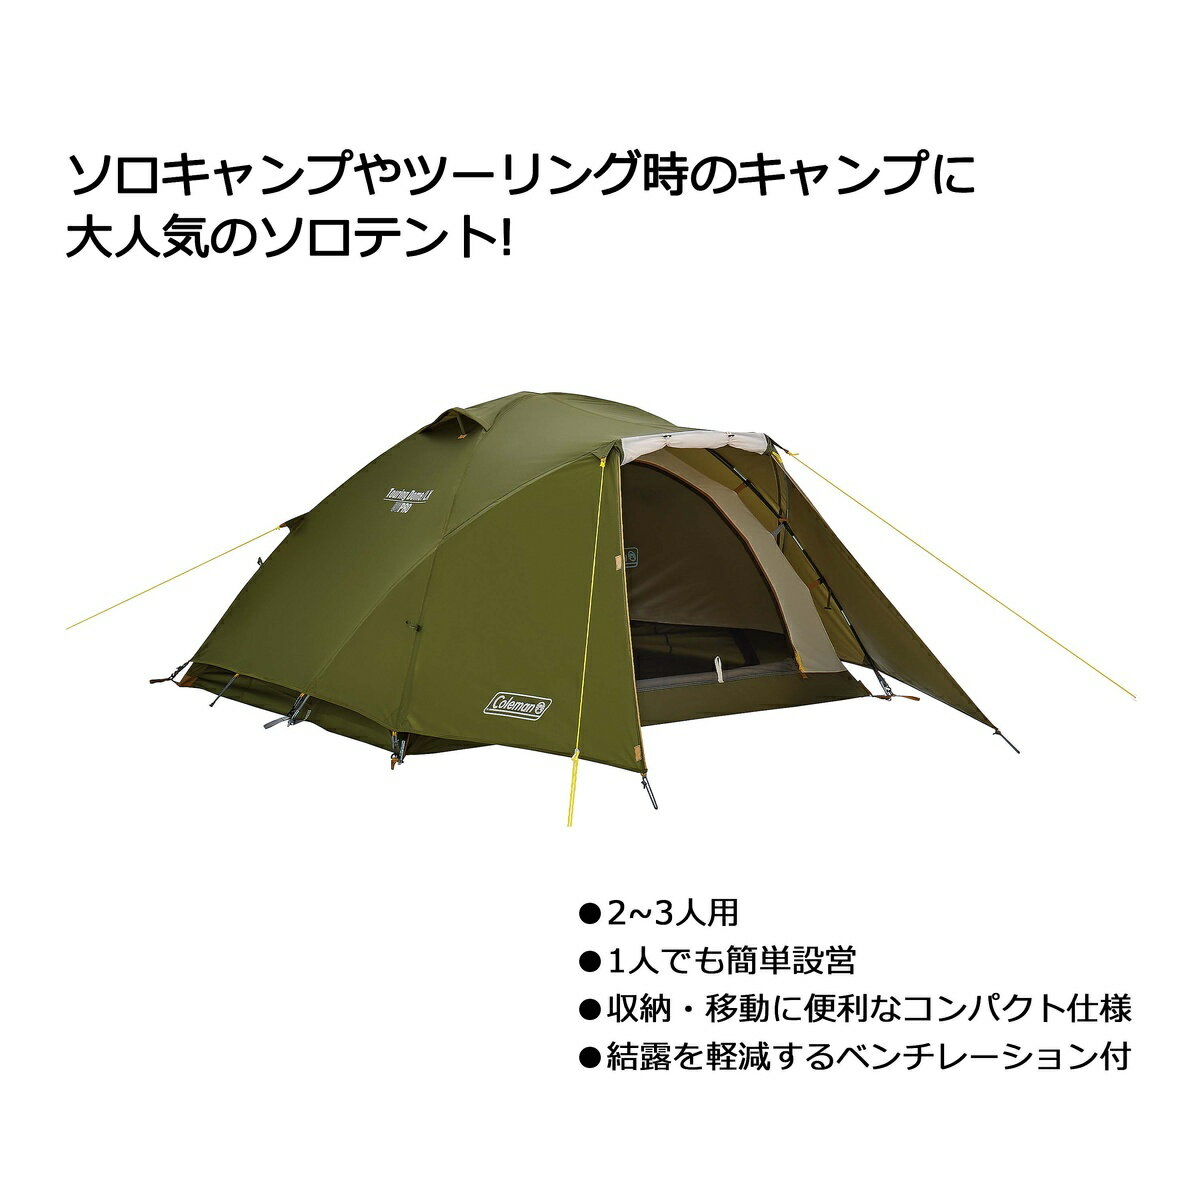 コールマン(COLEMAN) ツーリングドーム/LX キャンプ用品 ソロ その他テント 2000038142